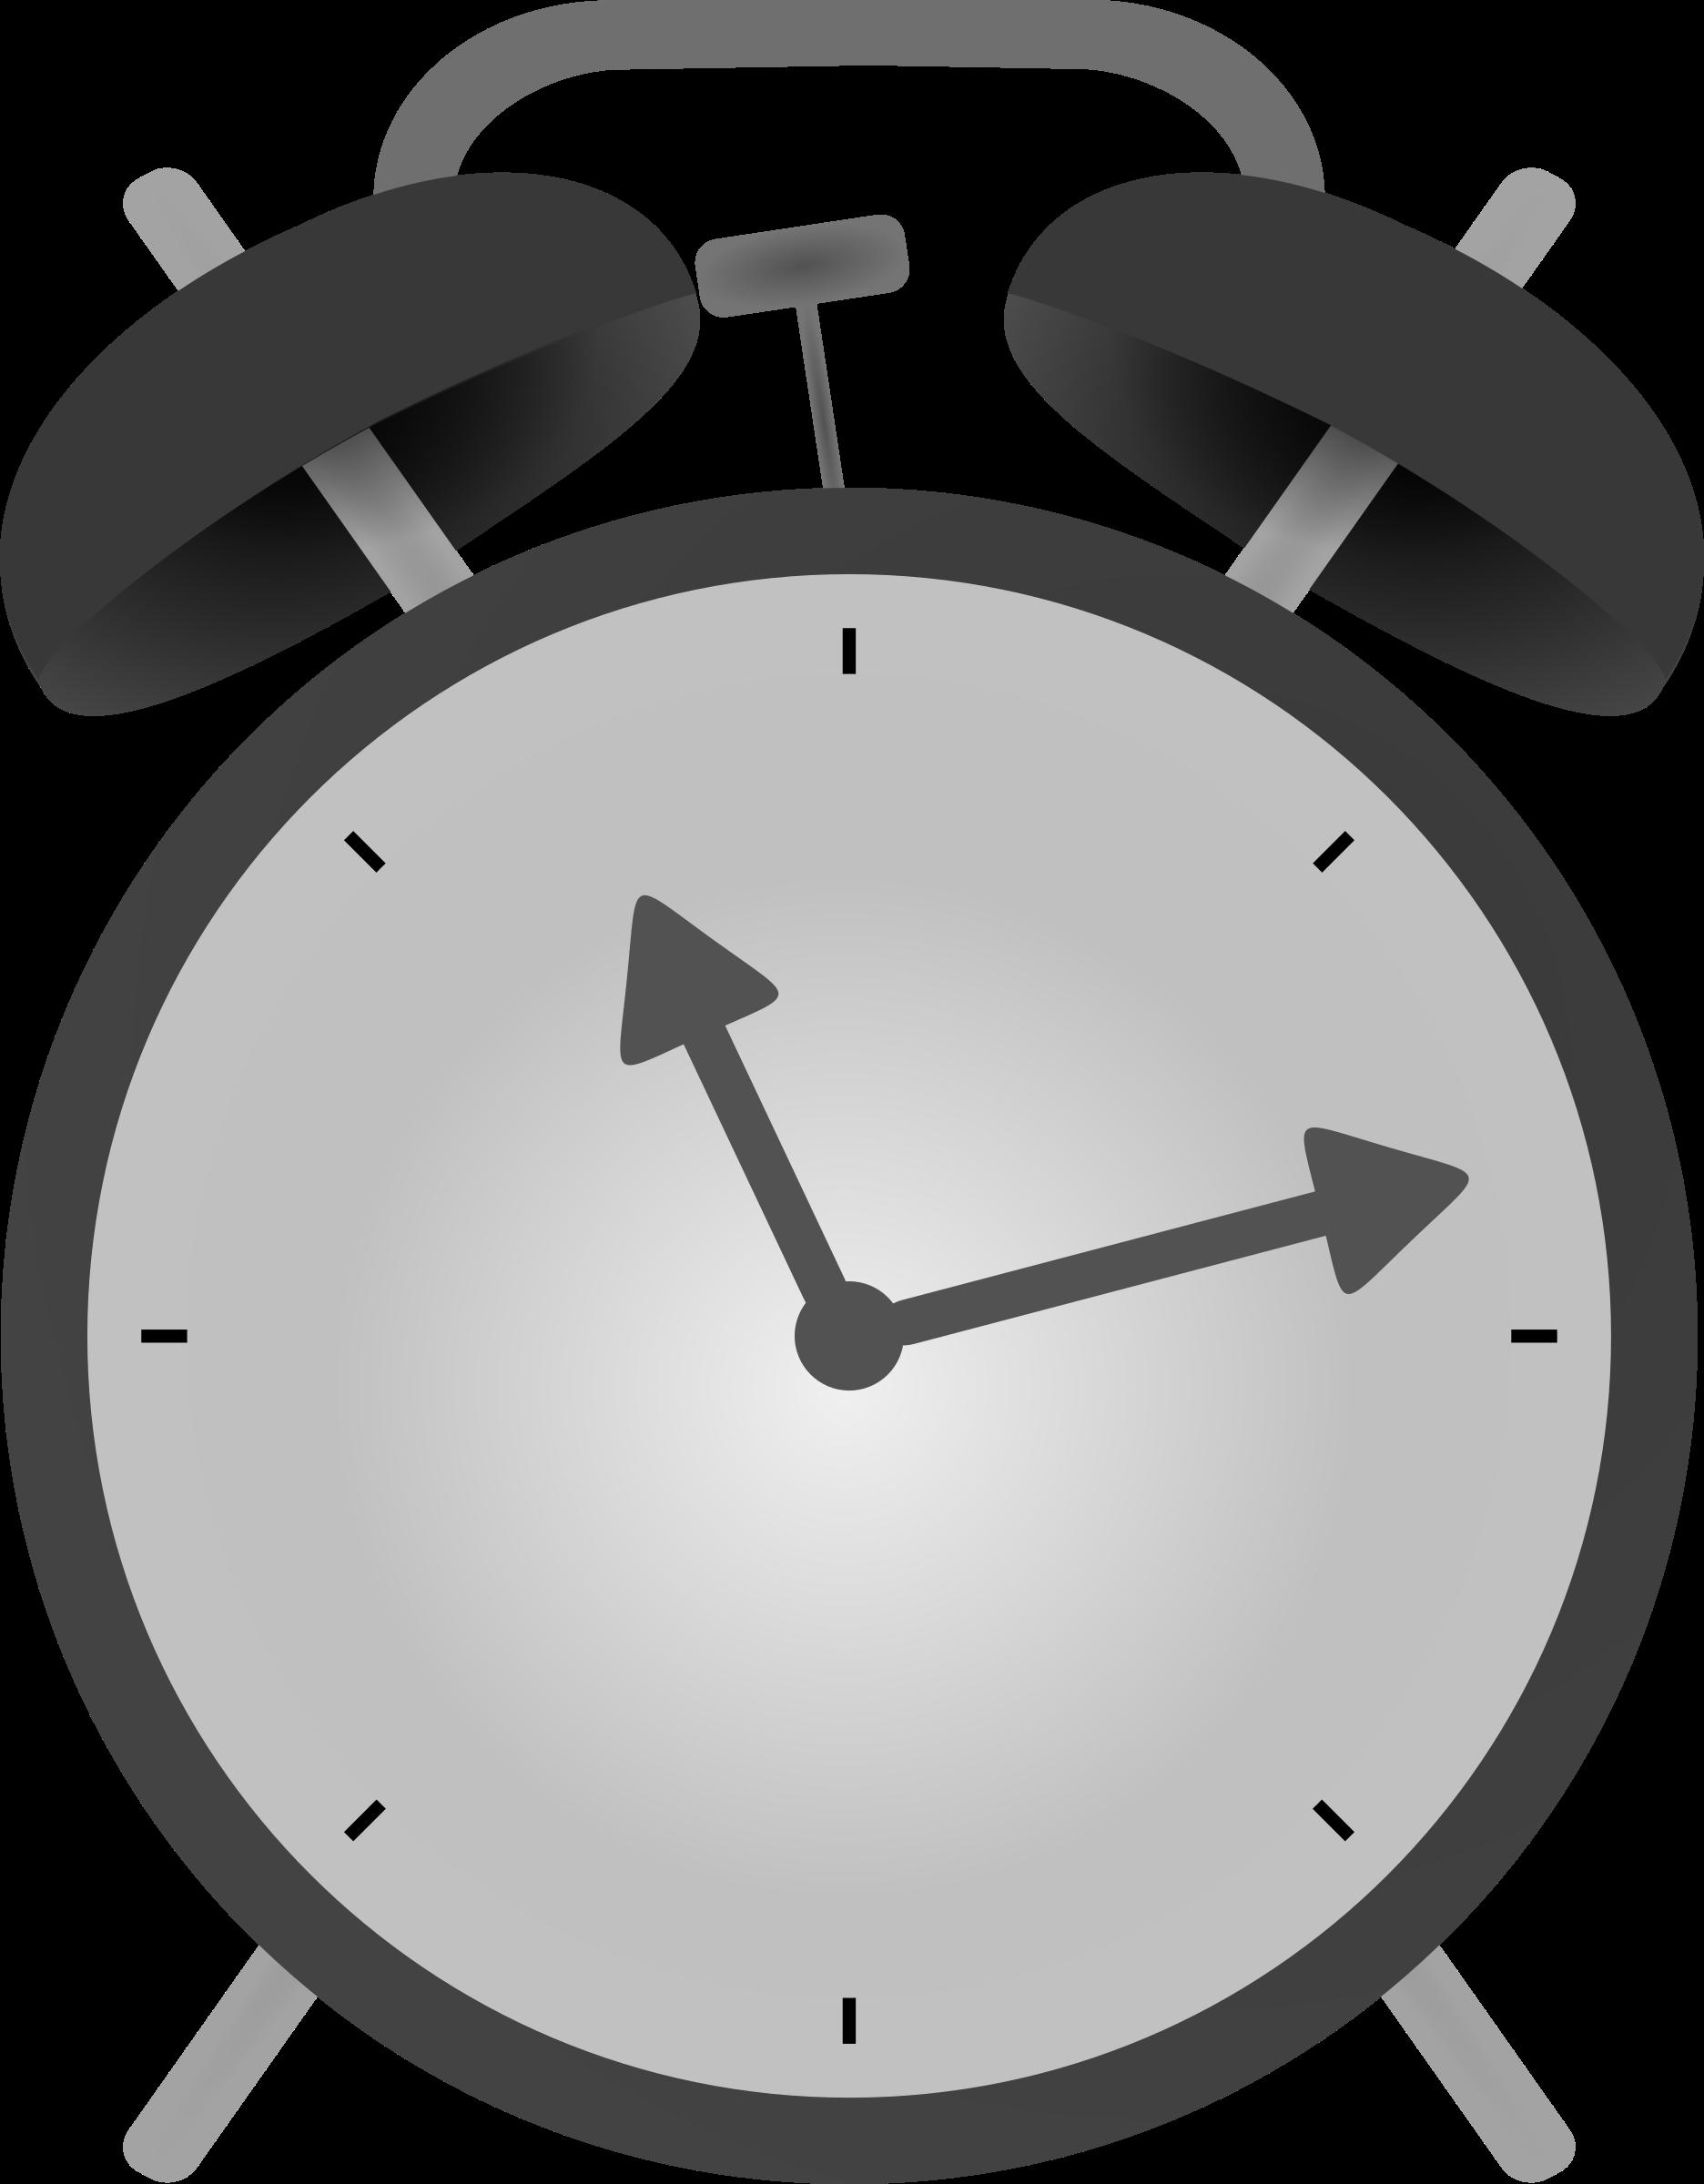 Clocks clipart alarm. Clock big image png